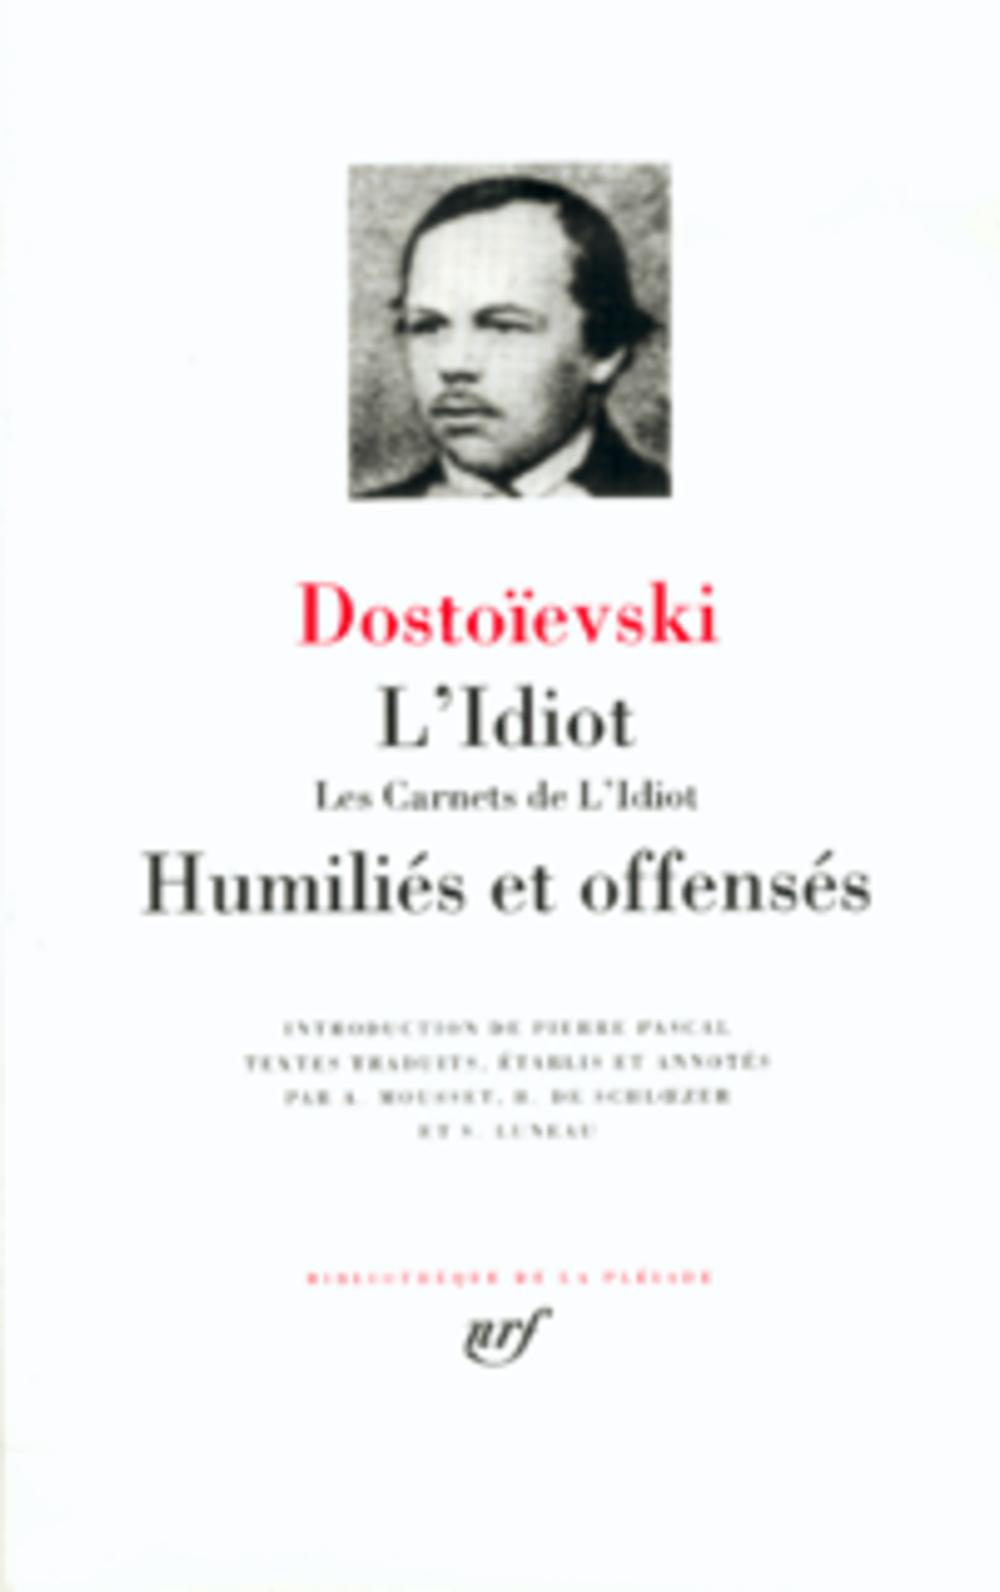 DOSTOIEVSKI F - L'IDIOT  -  LES CARNETS DE L'IDIOT  -  HUMILIES ET OFFENSES